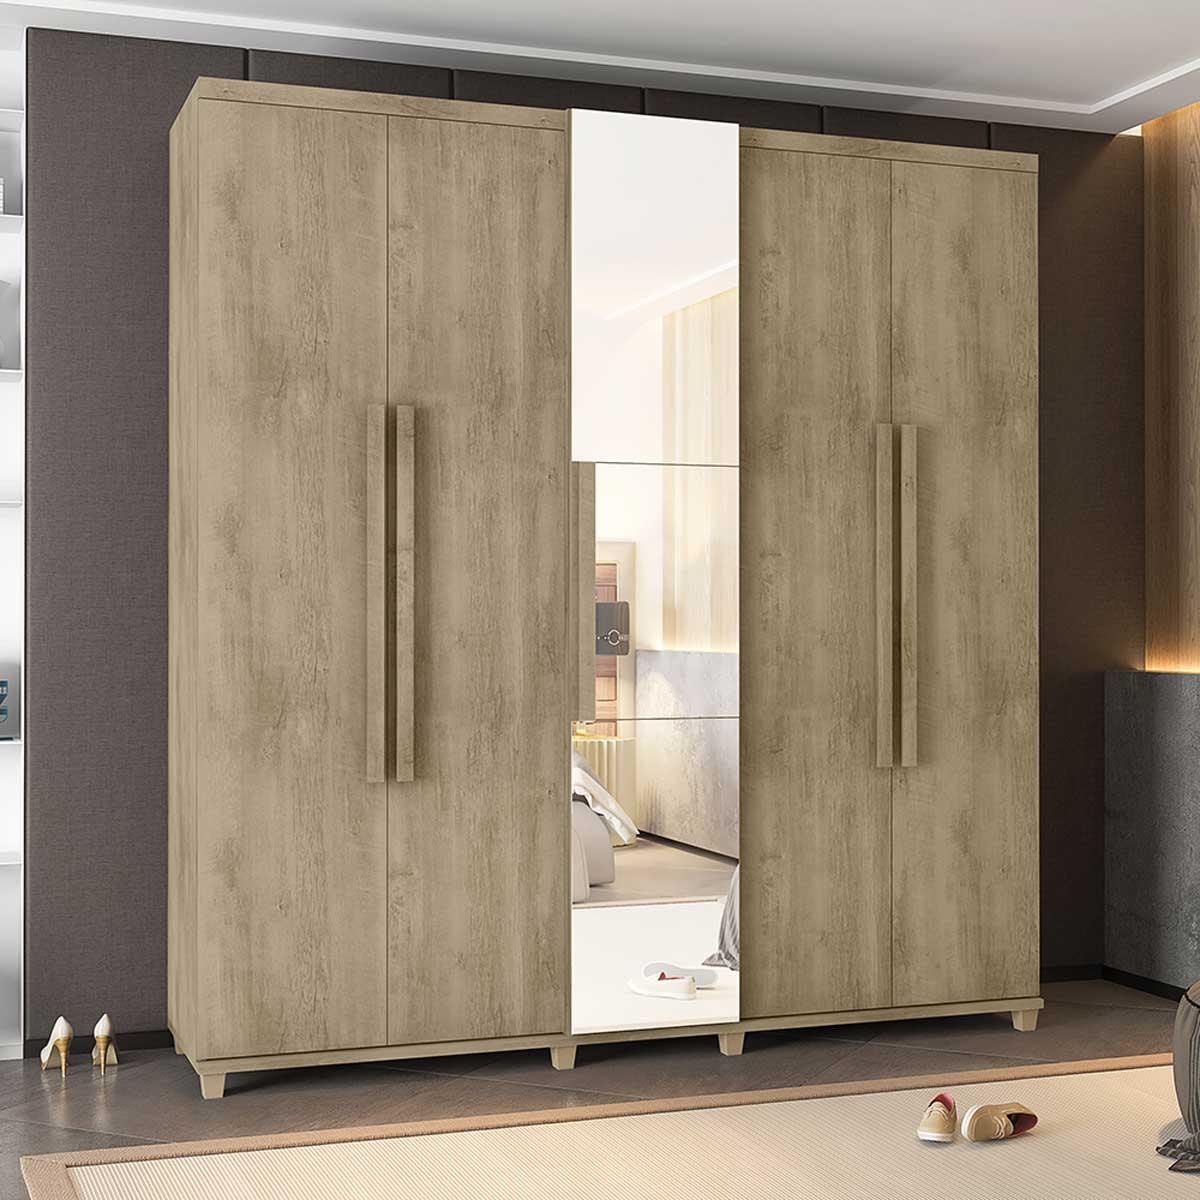 Guarda-Roupa Casal Munique 5 Portas com Espelho Niágara - RV Móveis